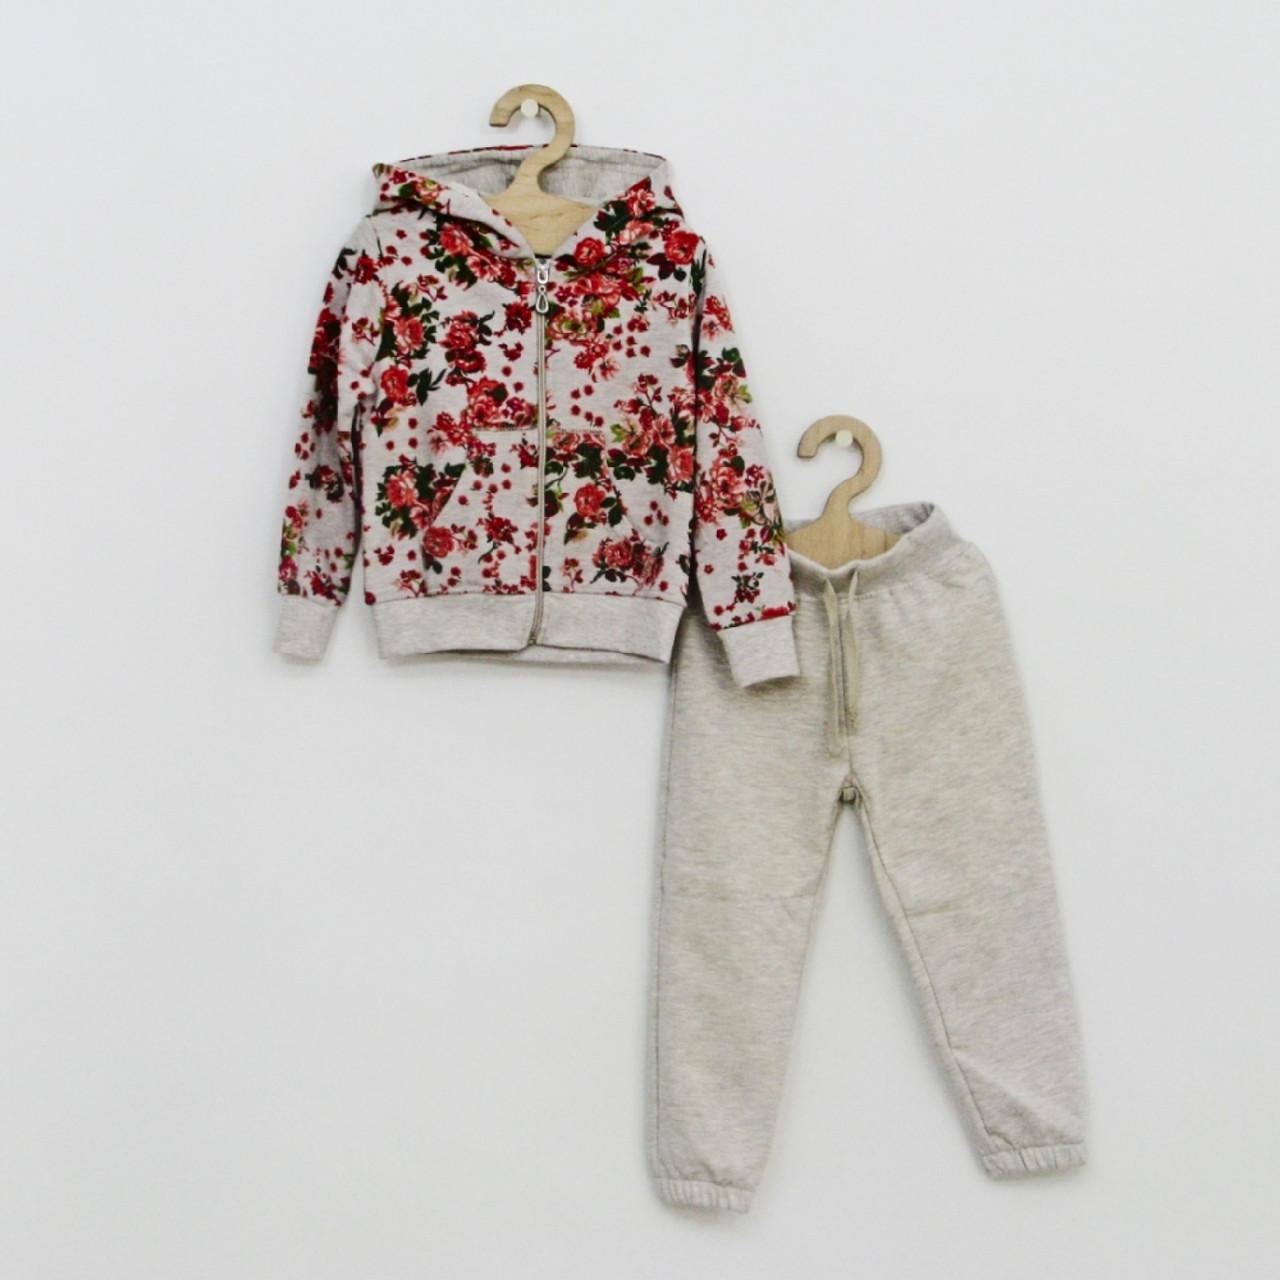 4dda2412 Теплый спортивный костюм с цветочным рисунком для девочки: продажа ...